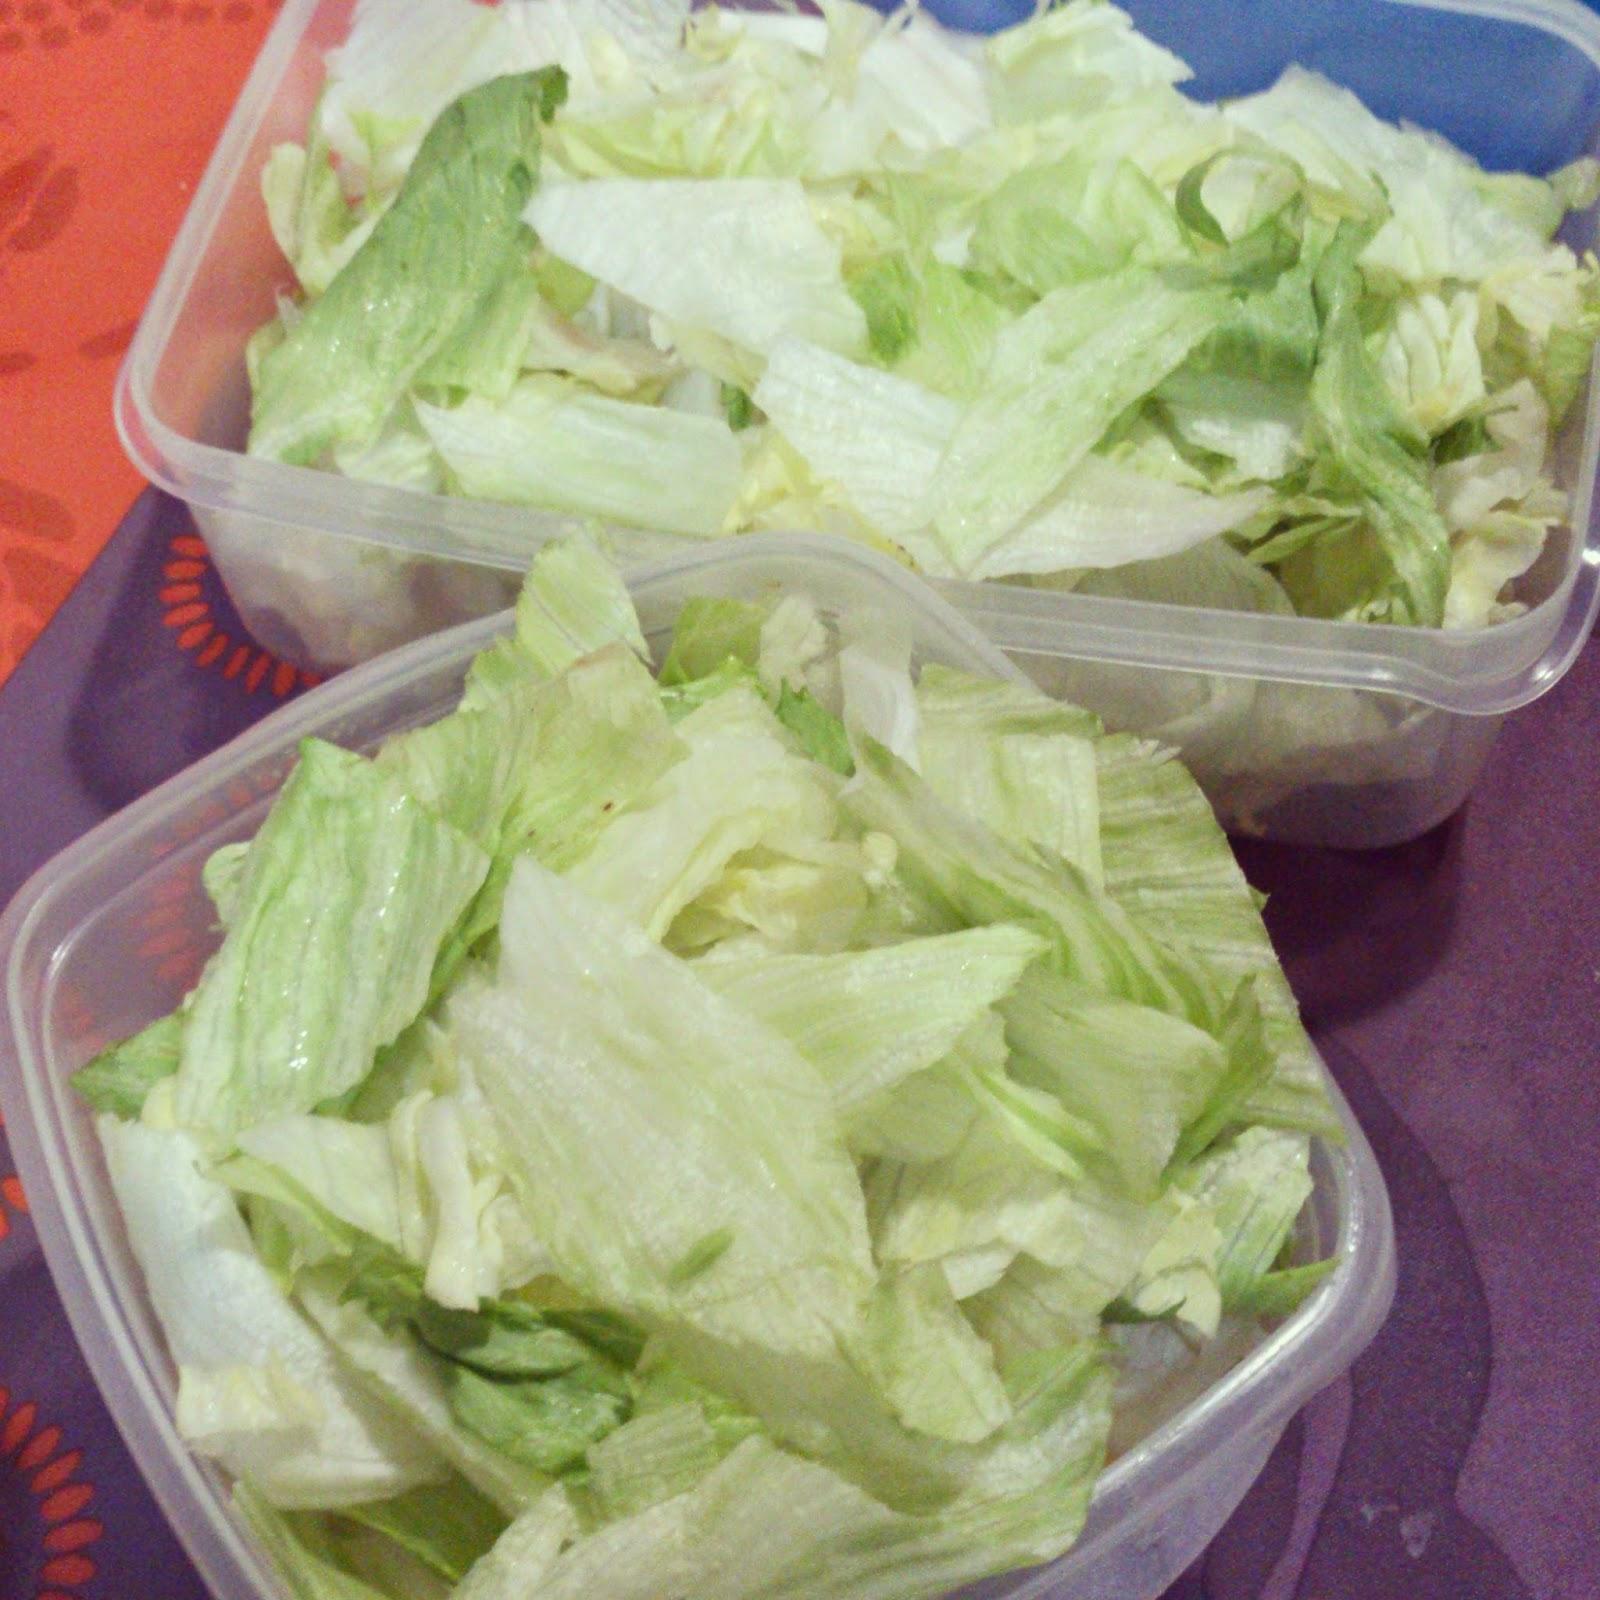 vegetaidaira cocinar un d a para toda la semana